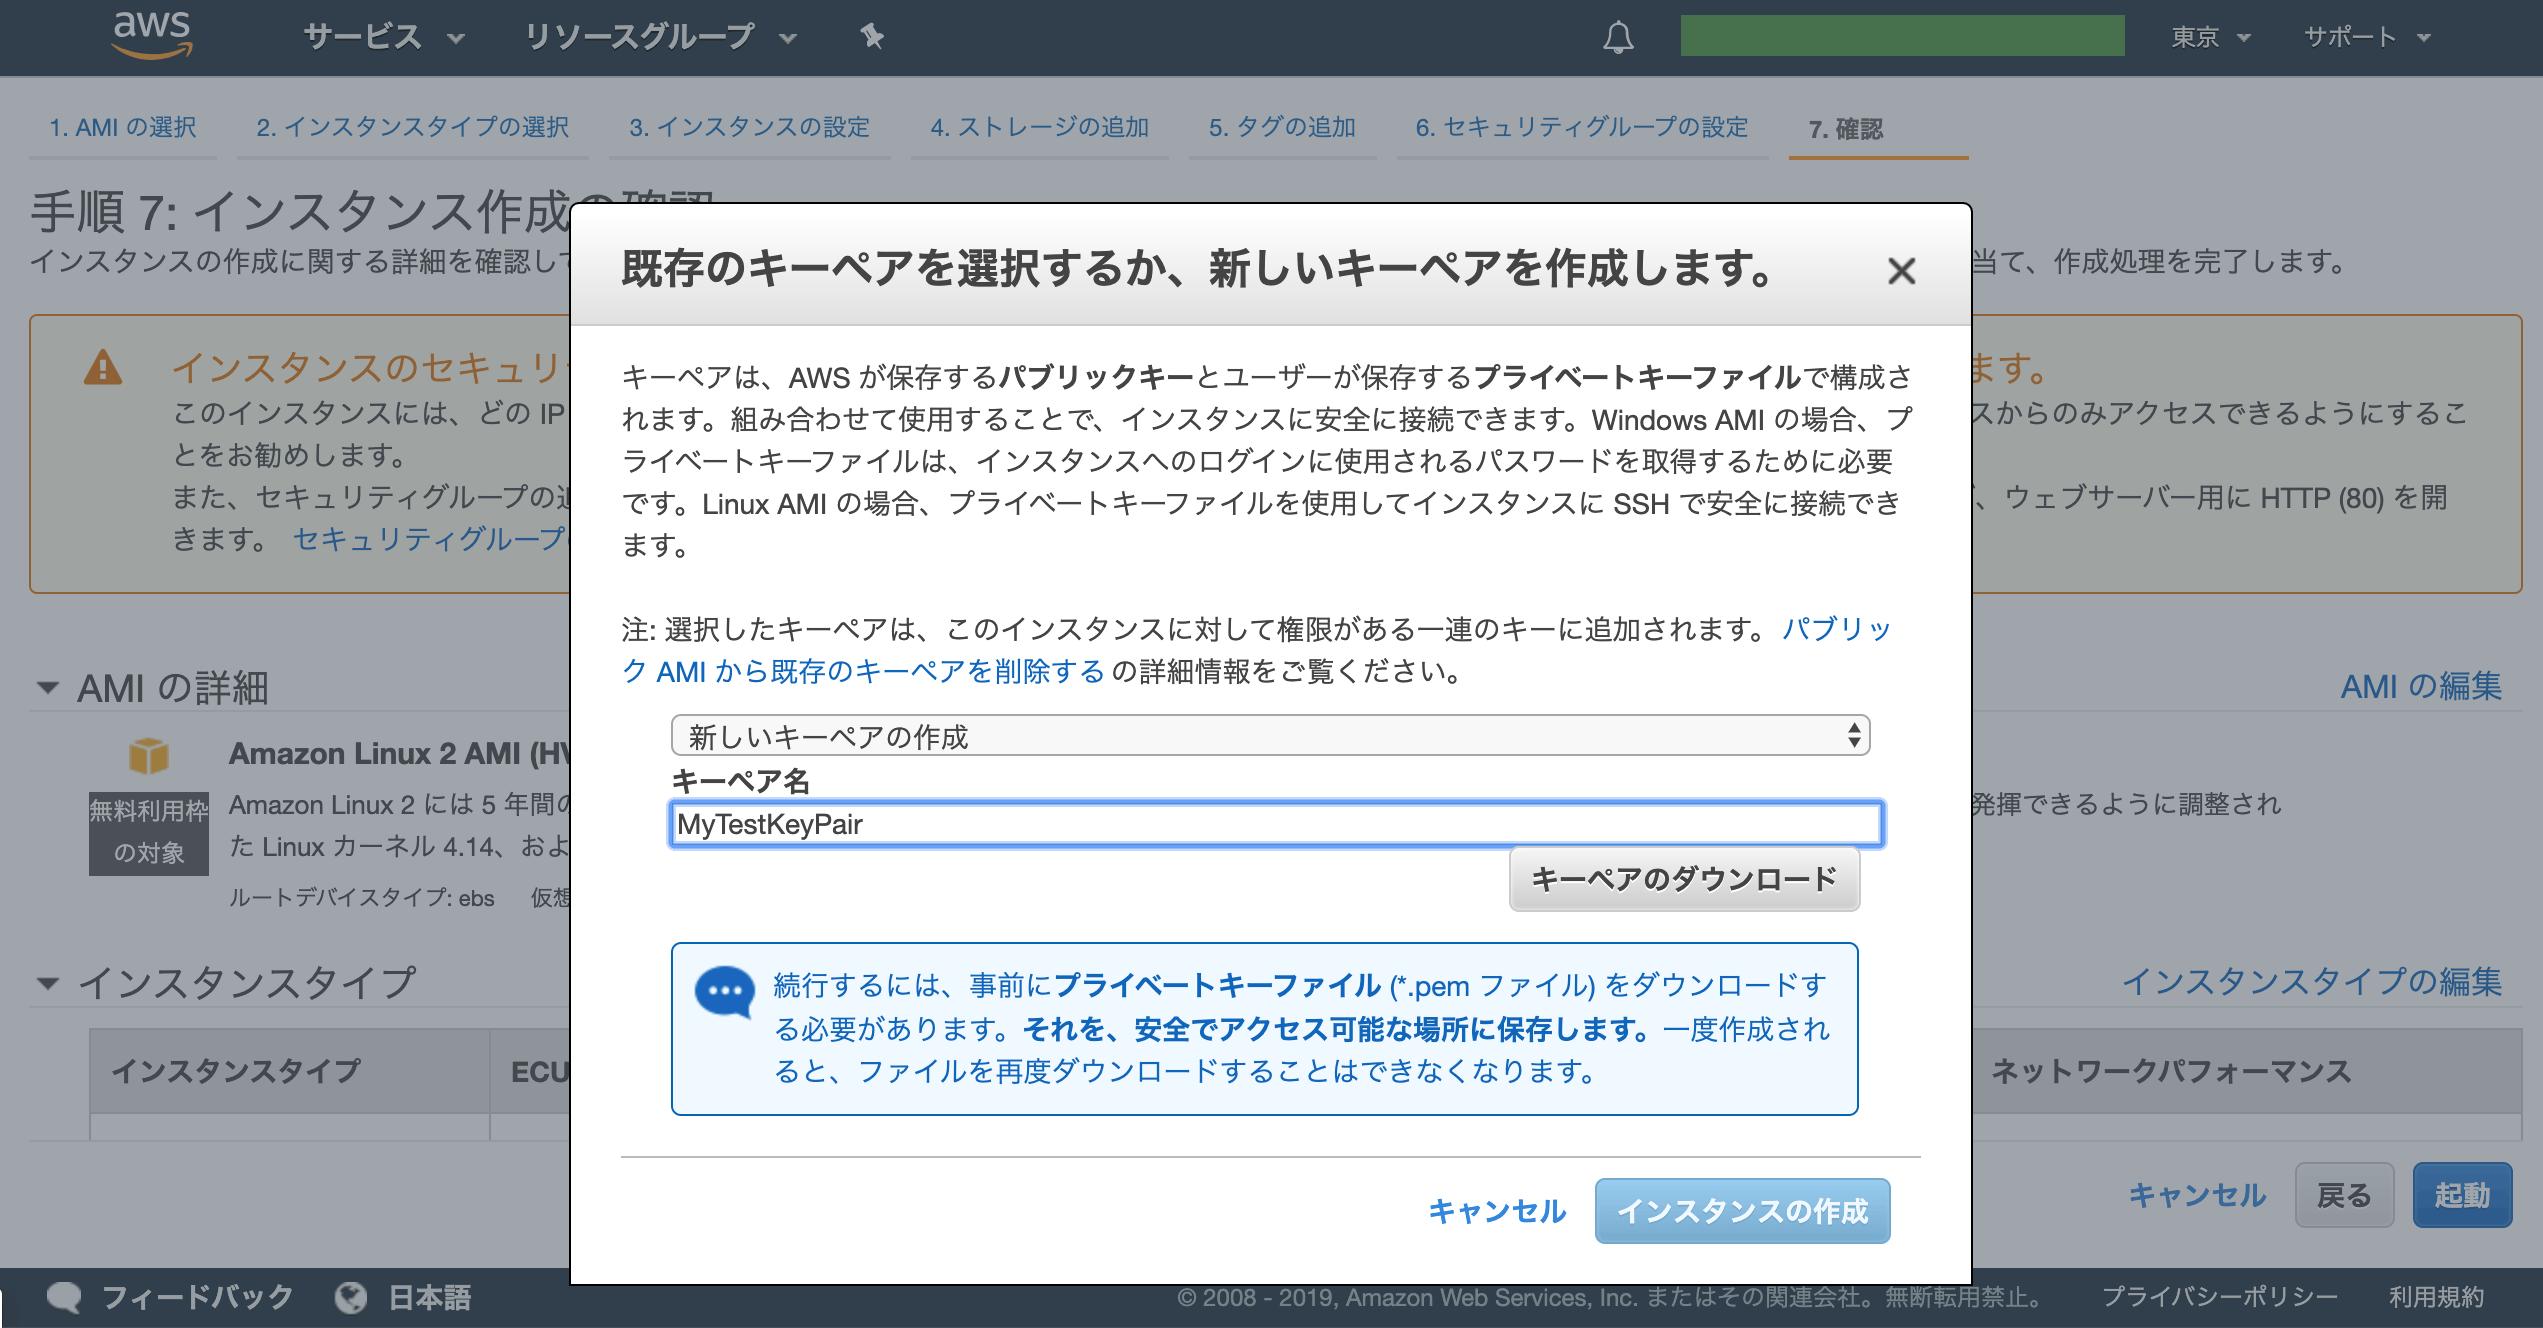 スクリーンショット 2019-09-26 1.32.56.png